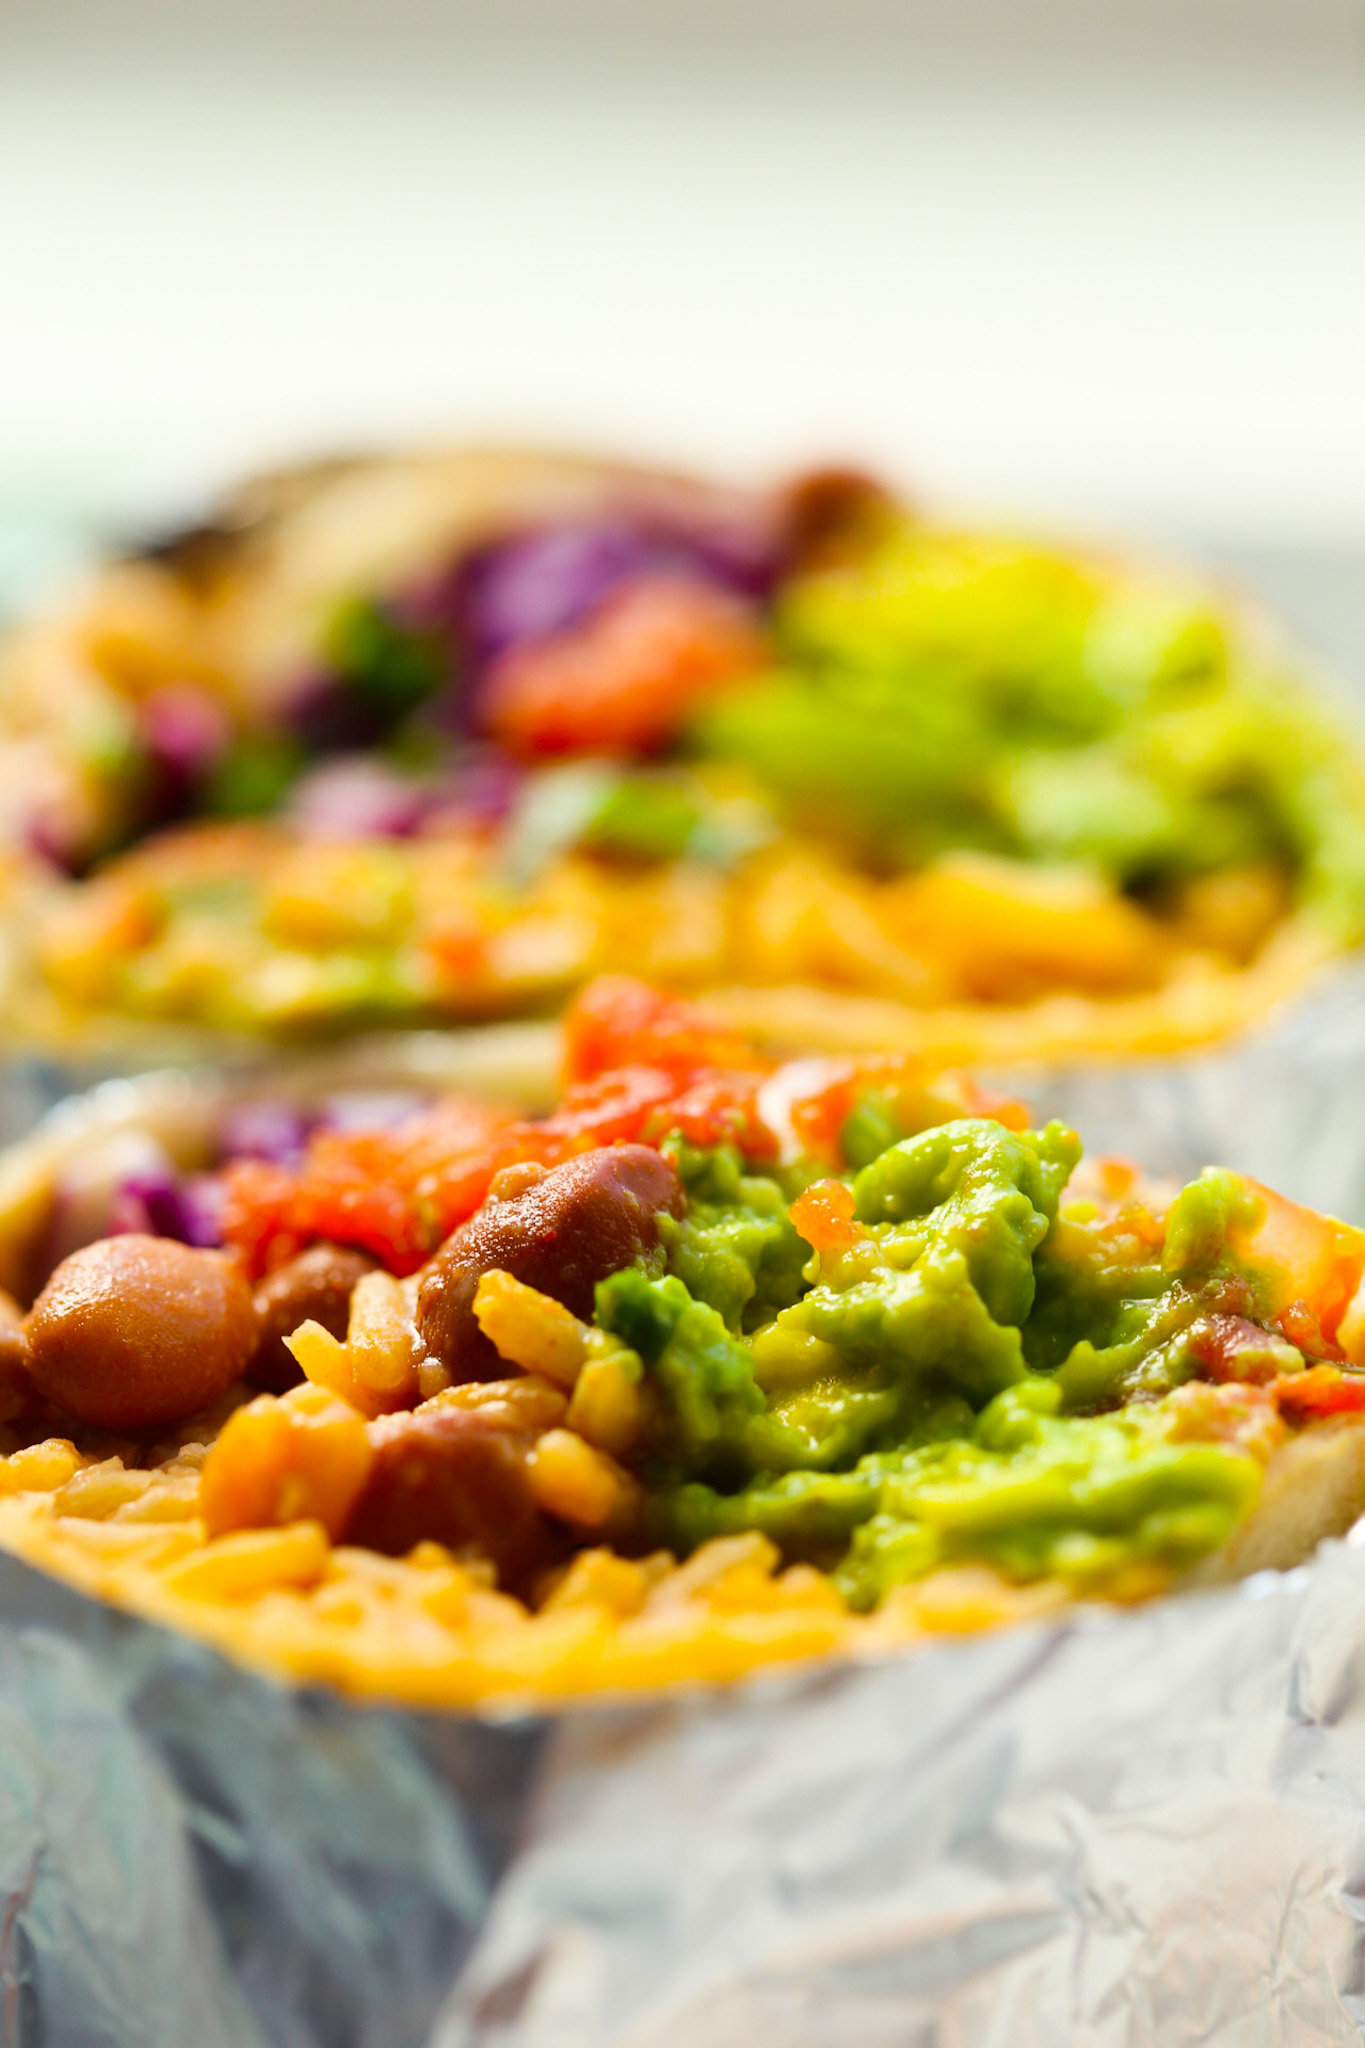 vegan filling close up burrito